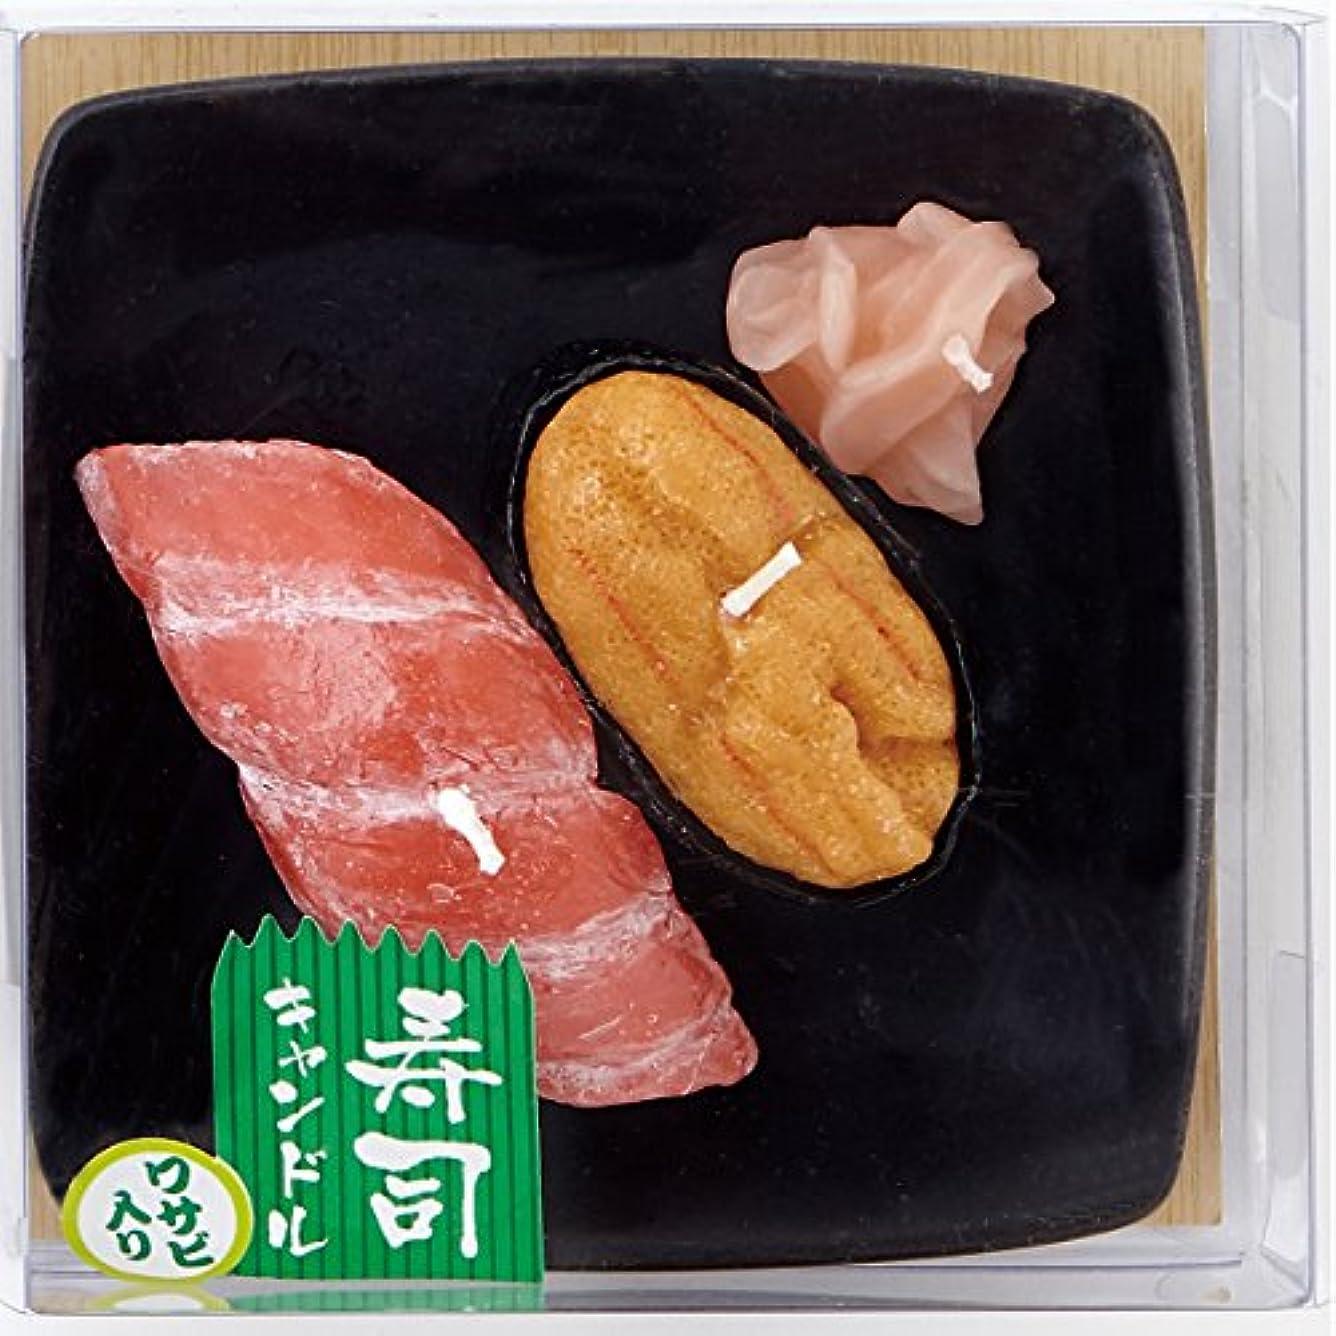 考案する迫害する賢い寿司キャンドル C(ウニ?大トロ) サビ入